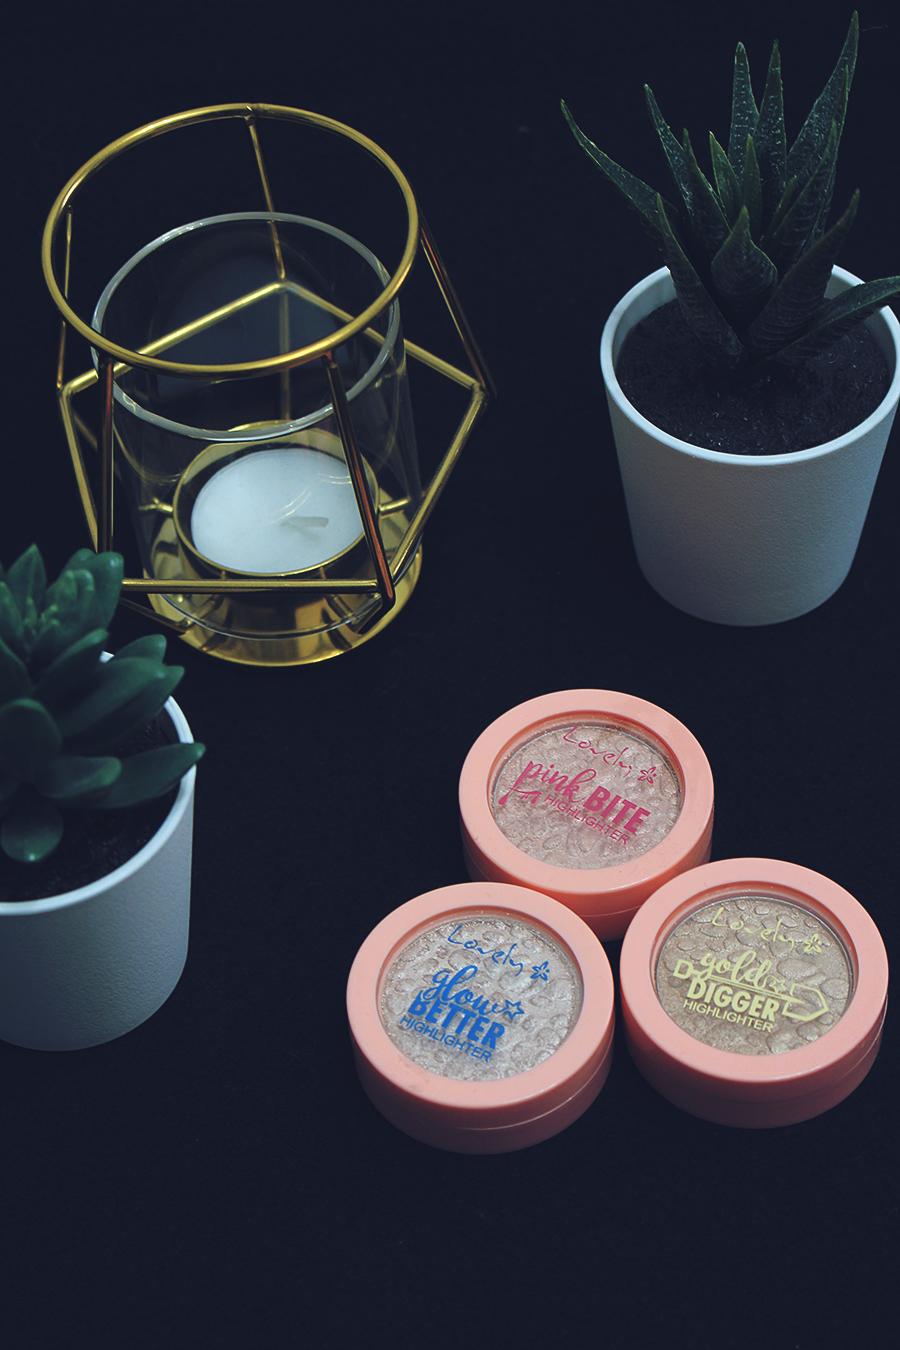 Nowości października | Kolorówka i pielęgnacja: Wibo, Eveline, Catrice, Bell, MIYO, Isana, AllePaznokcie & Elisium Nails